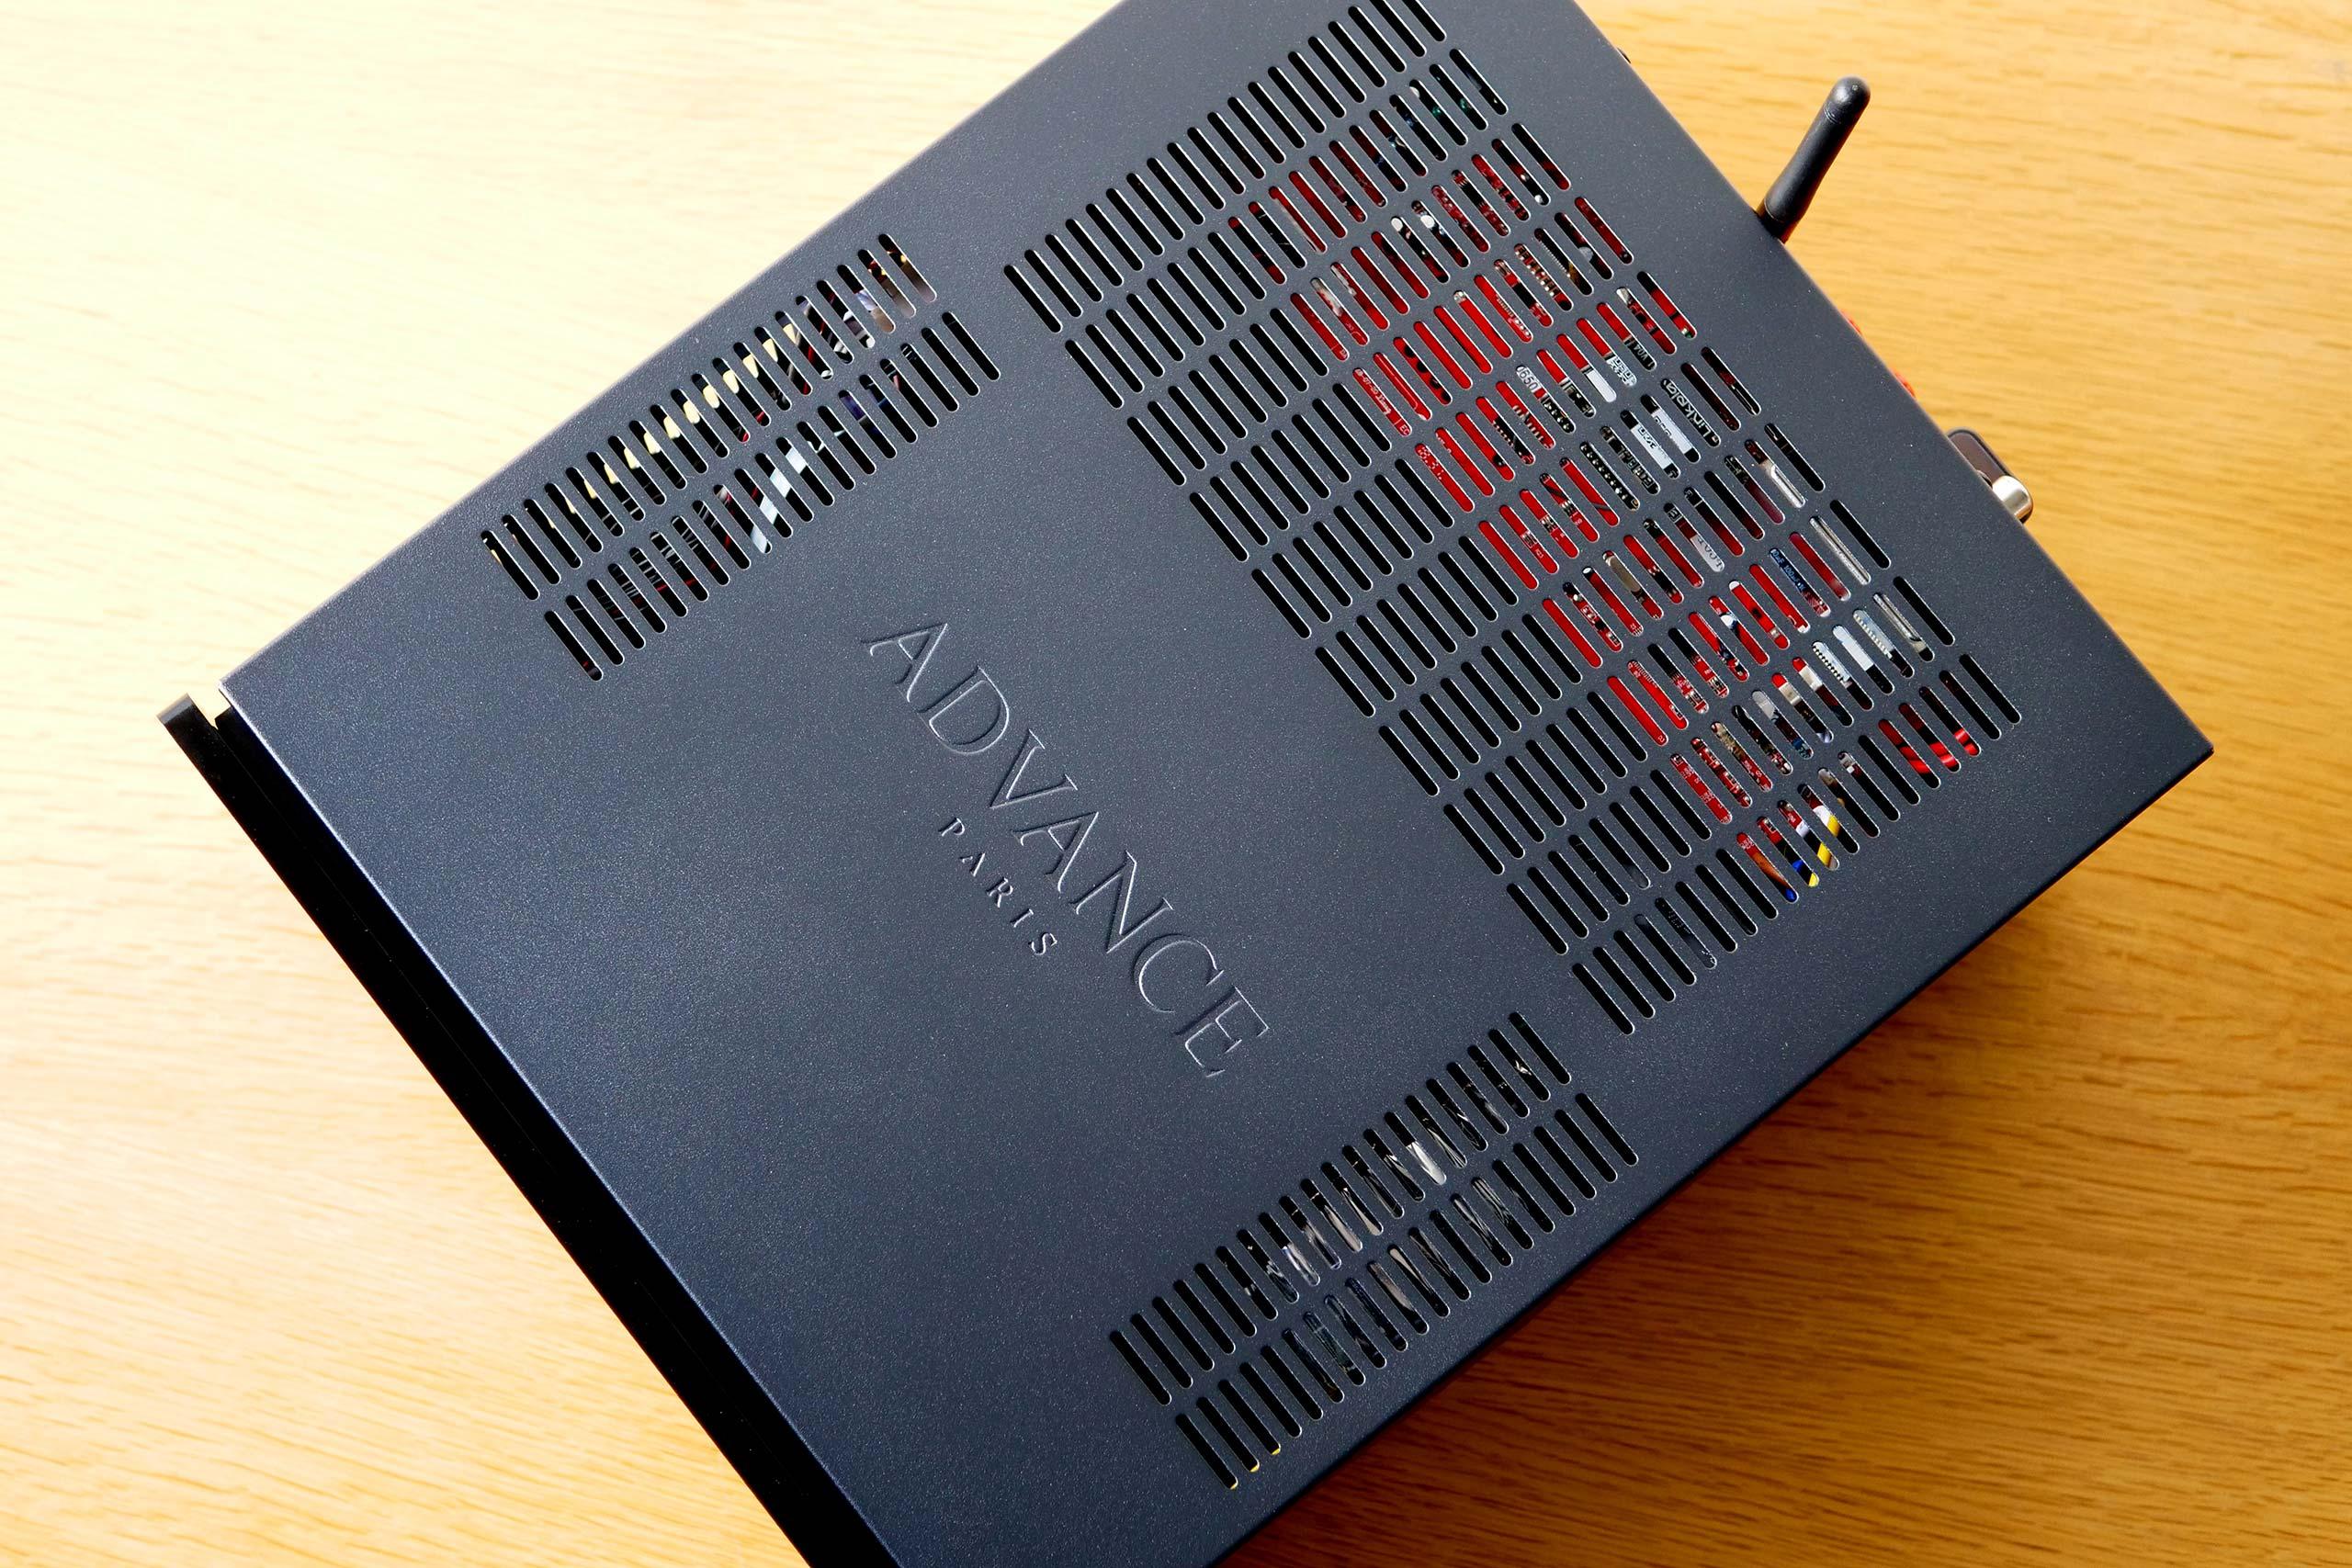 L'amplificateur connecté MyConnect 50 est plus profond que large. Sa profondeur de 38,5 cm est équivalente à celle d'un appareil HiFi traditionnel.